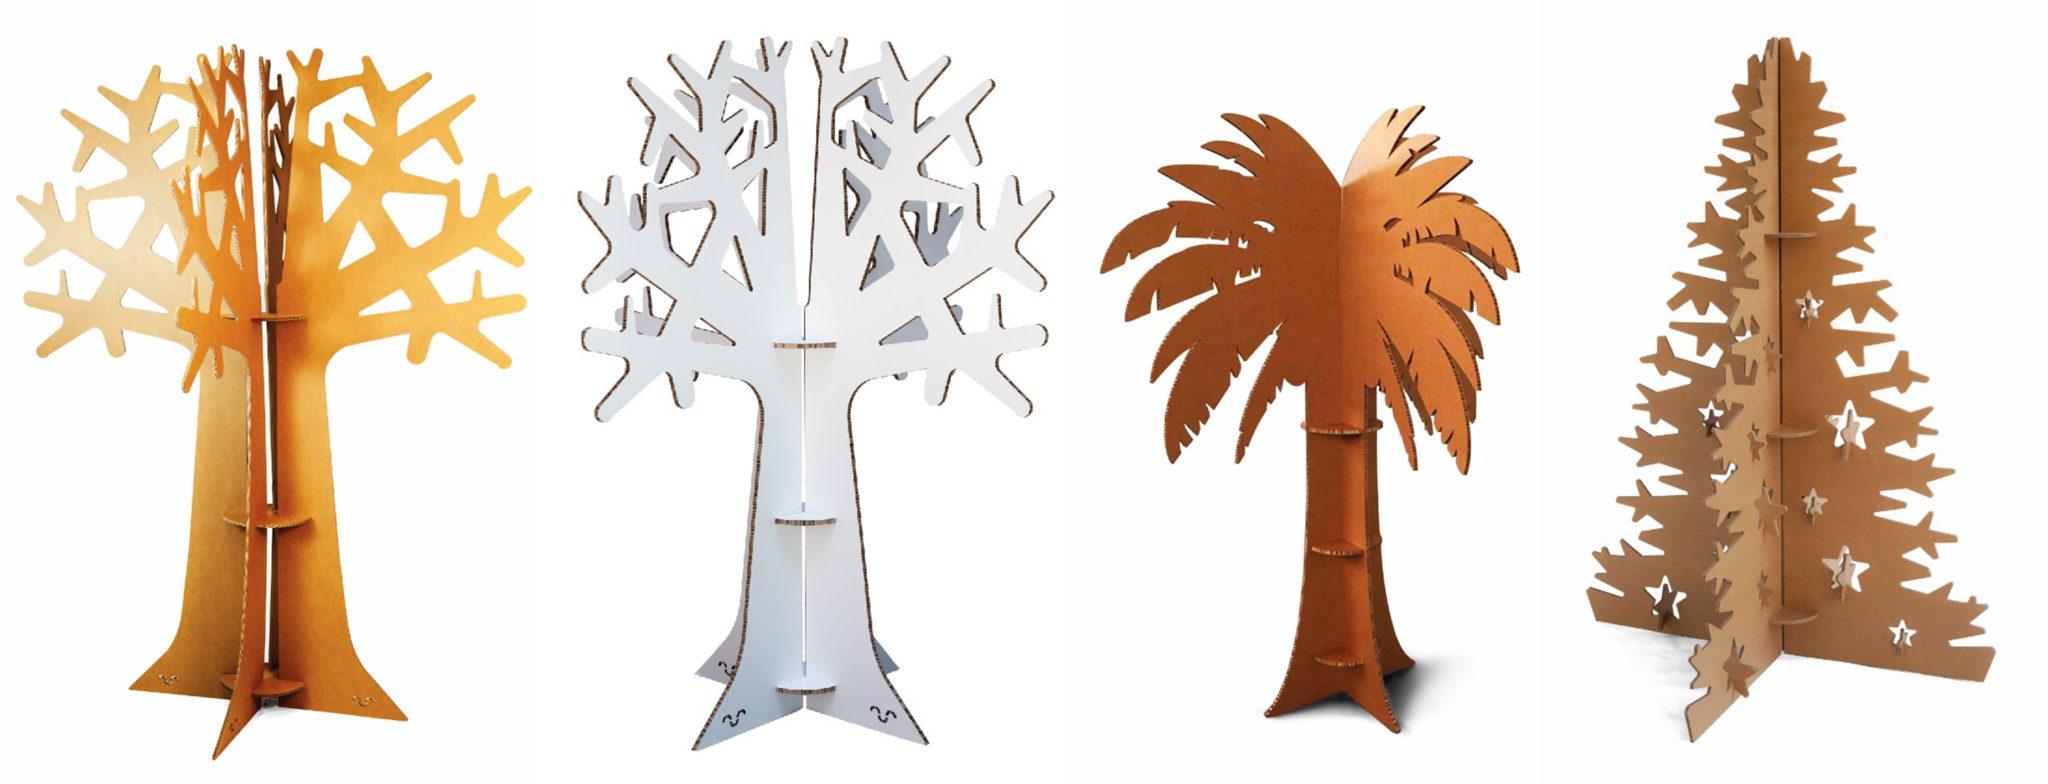 árboles carton palmera Navidad Cartonlab